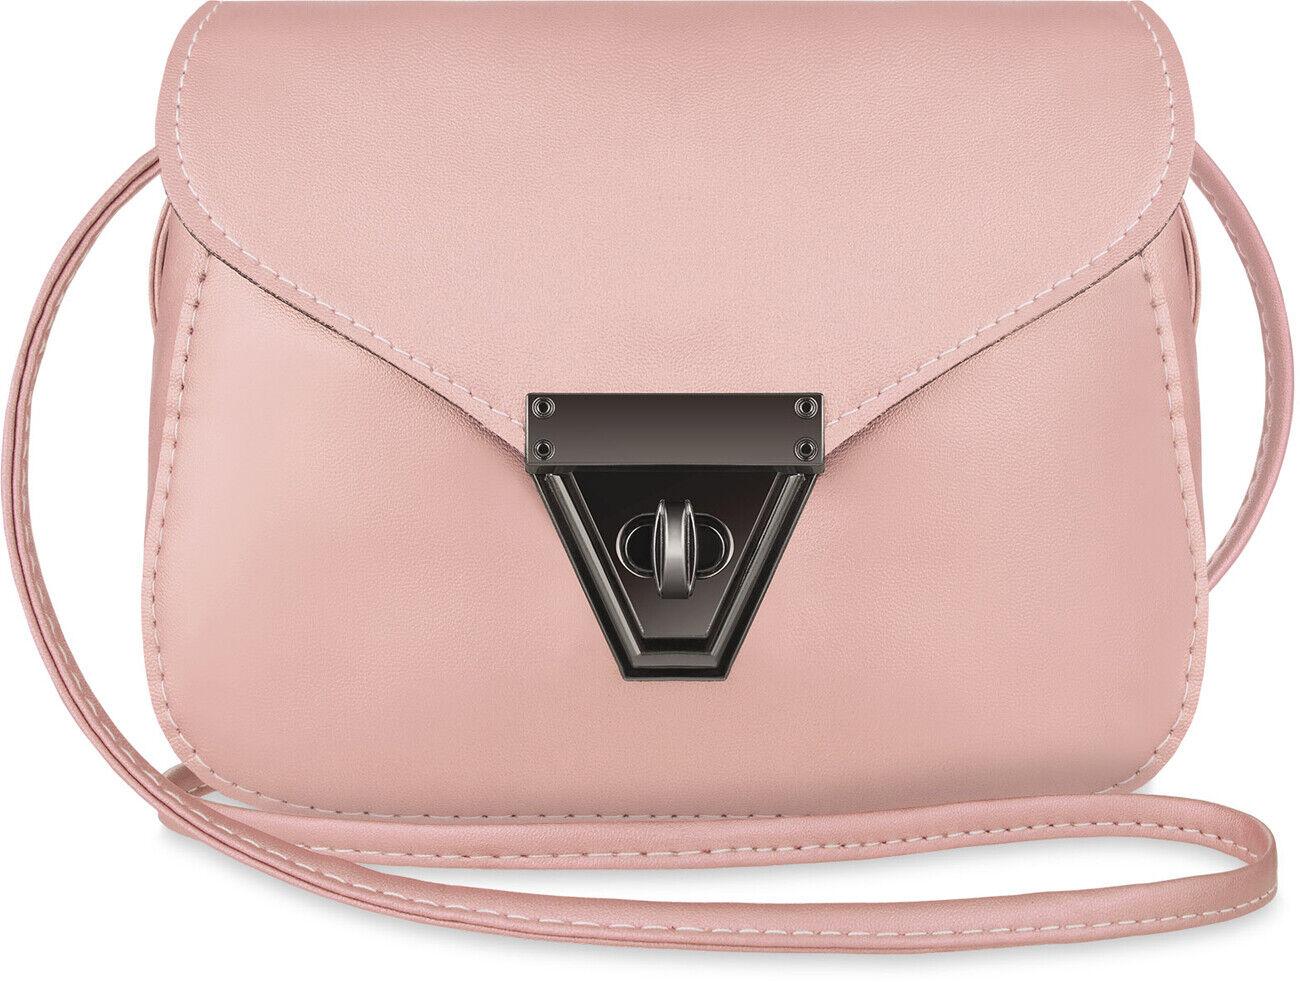 kleine Damentasche Schultertasche täglicher Begleiter Handtasche rosa